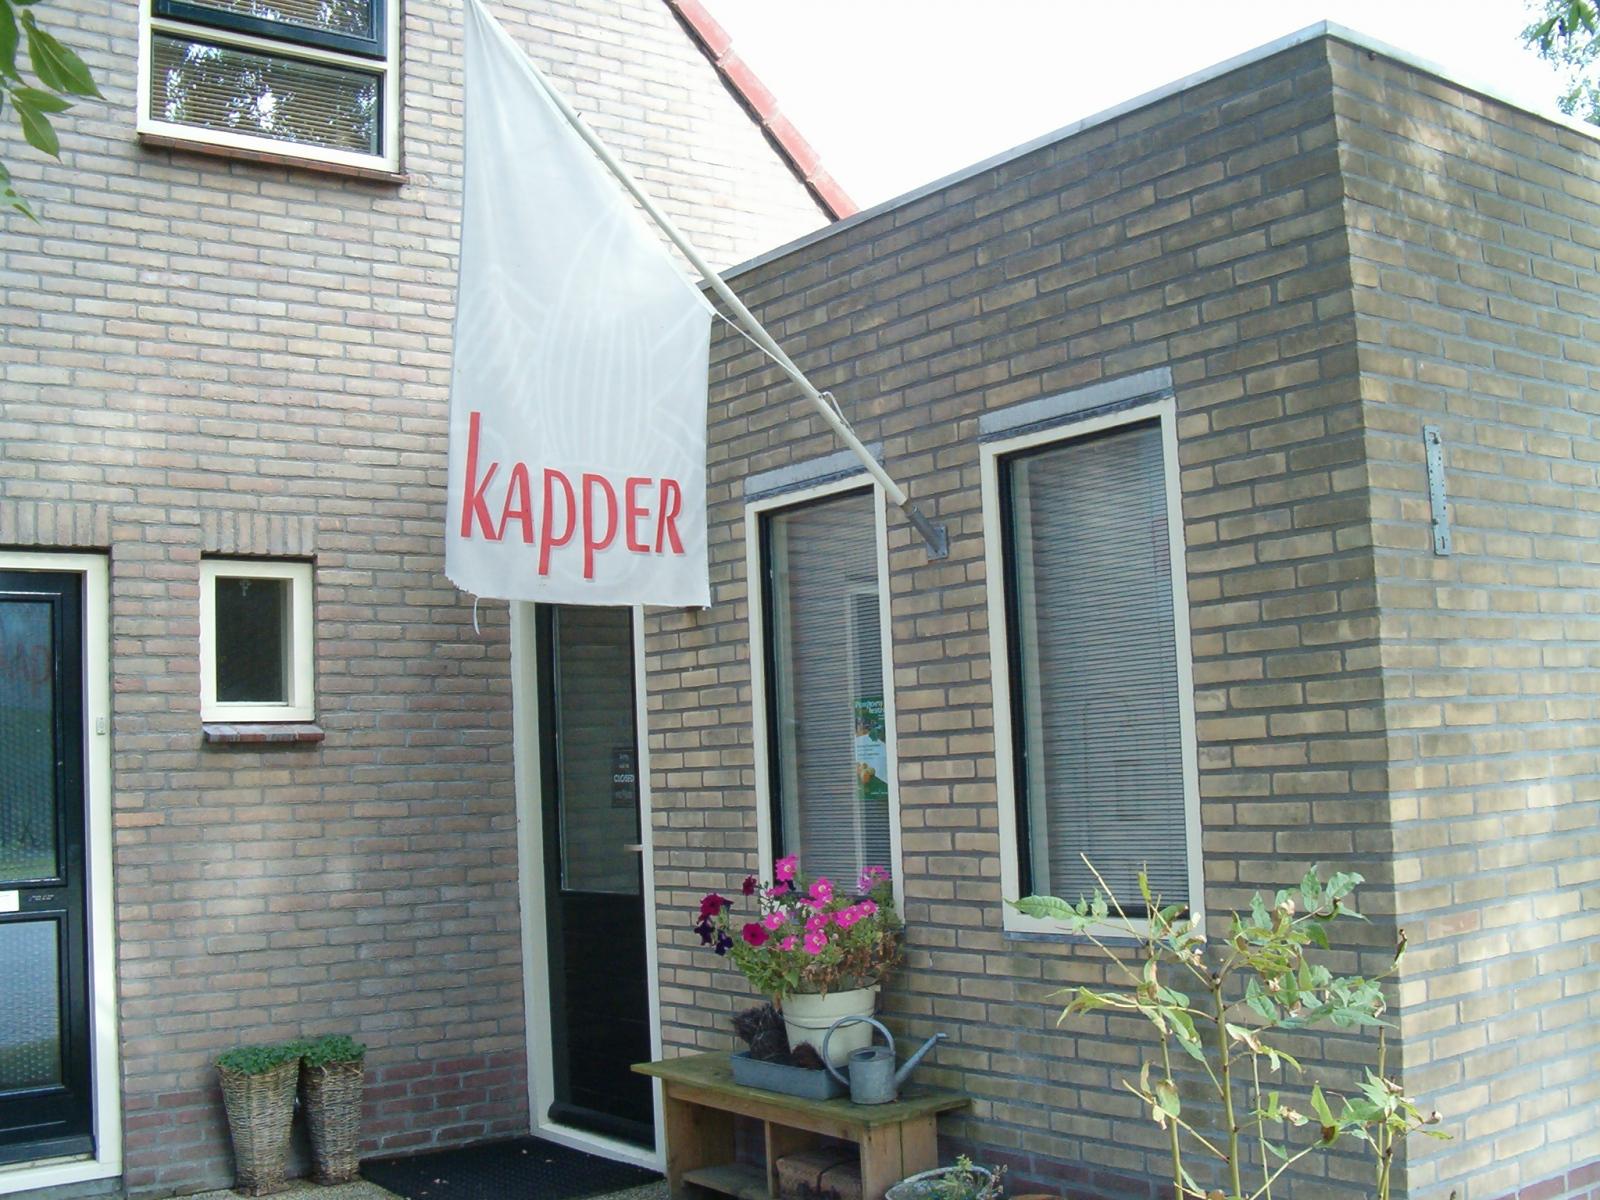 't-Kappershuis-1994-26-2